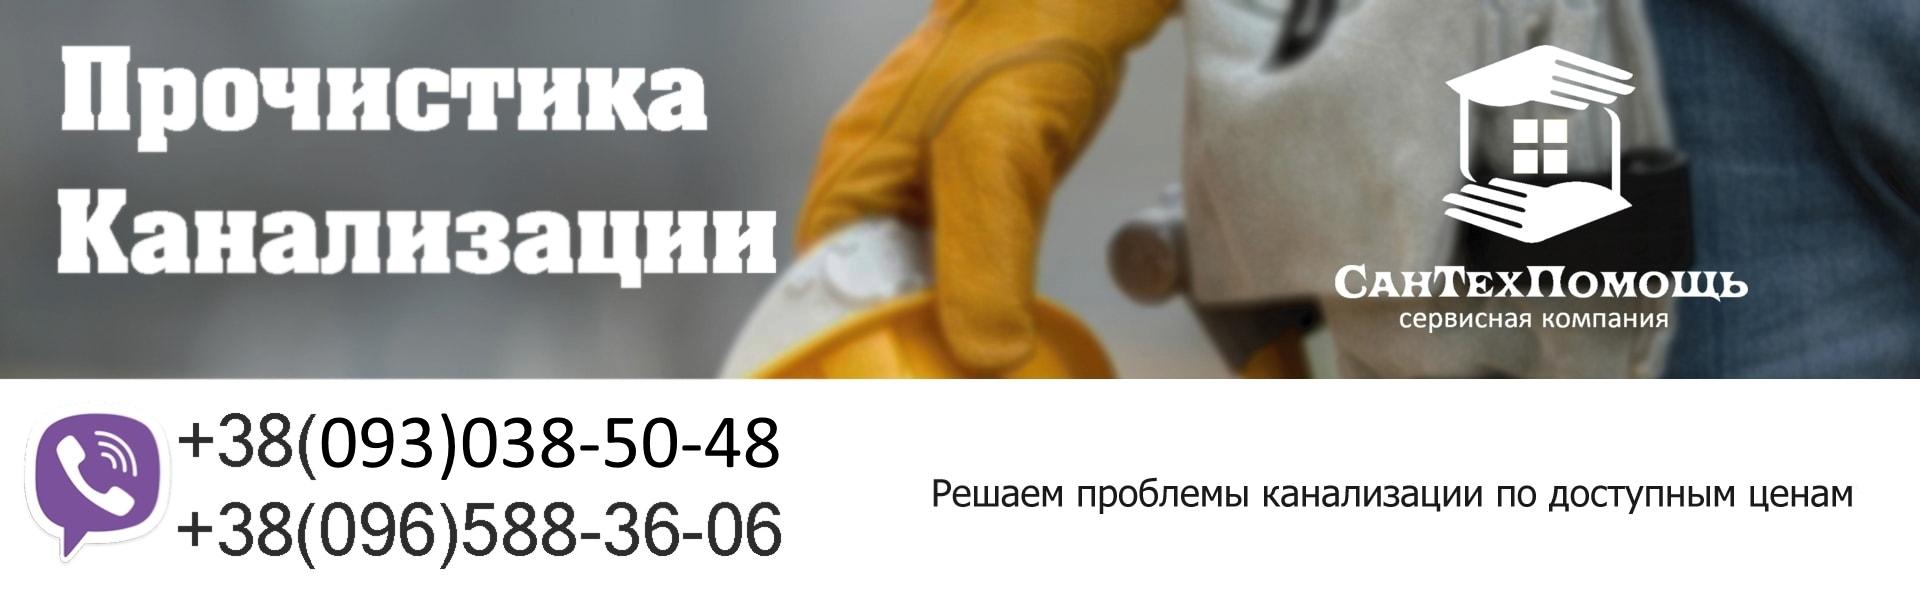 Прочистка канализации в Одессе